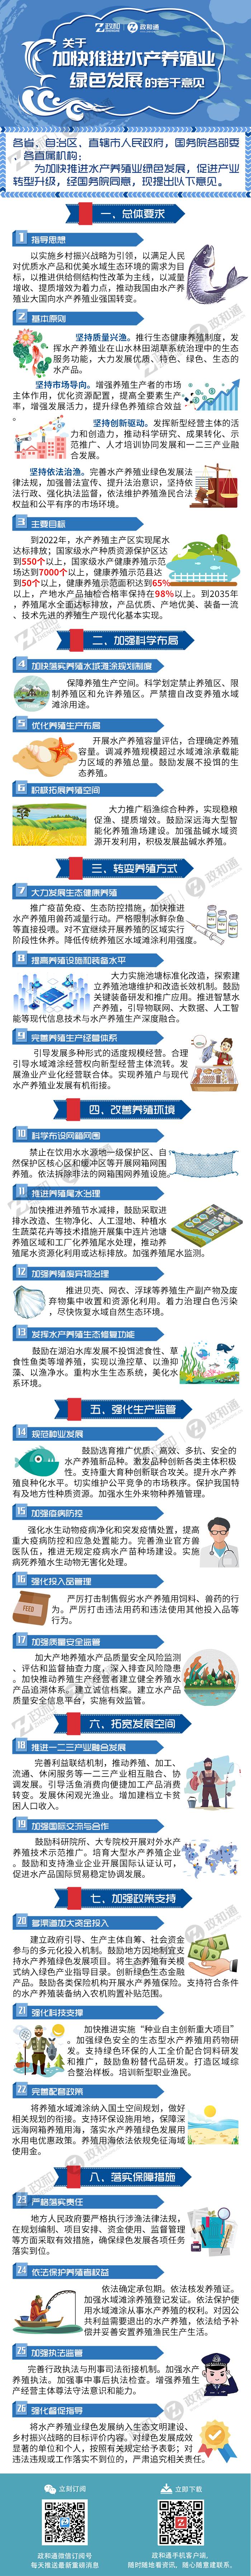 政和通 关于加快推进水产养殖业绿色发展的若干意见.jpg